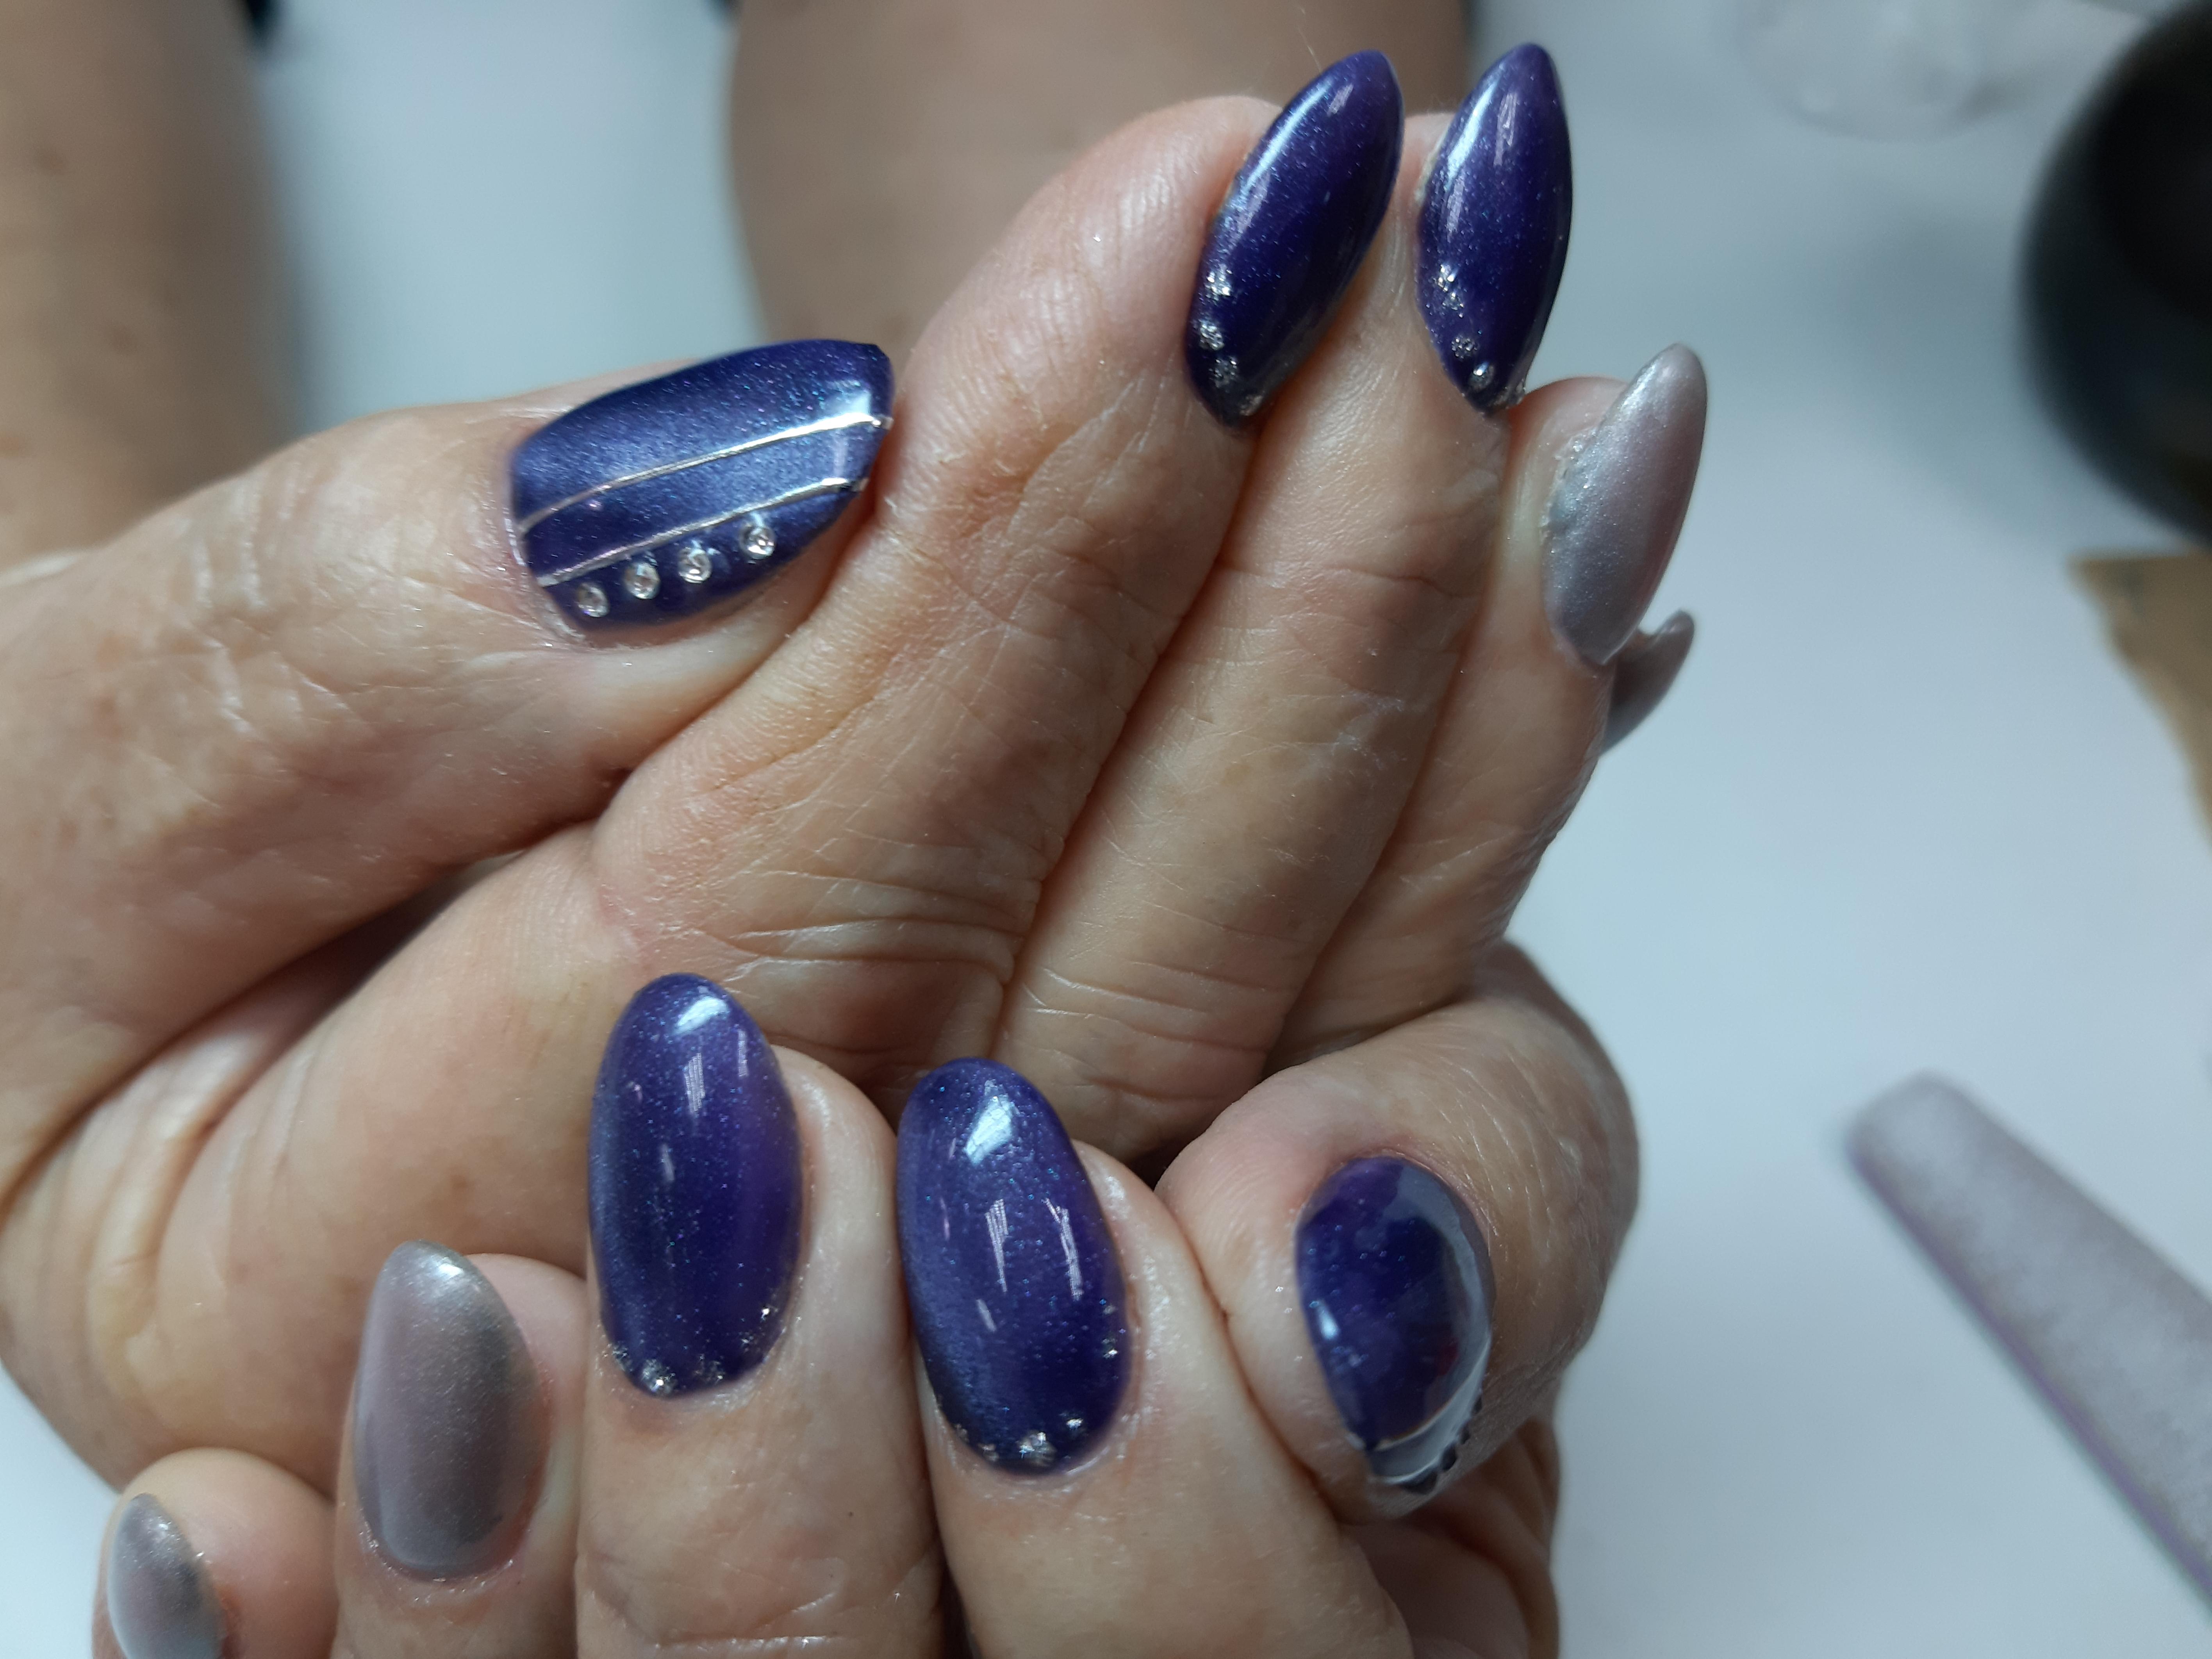 Маникюр с серебряными блестками и стразами в фиолетовом цвете.